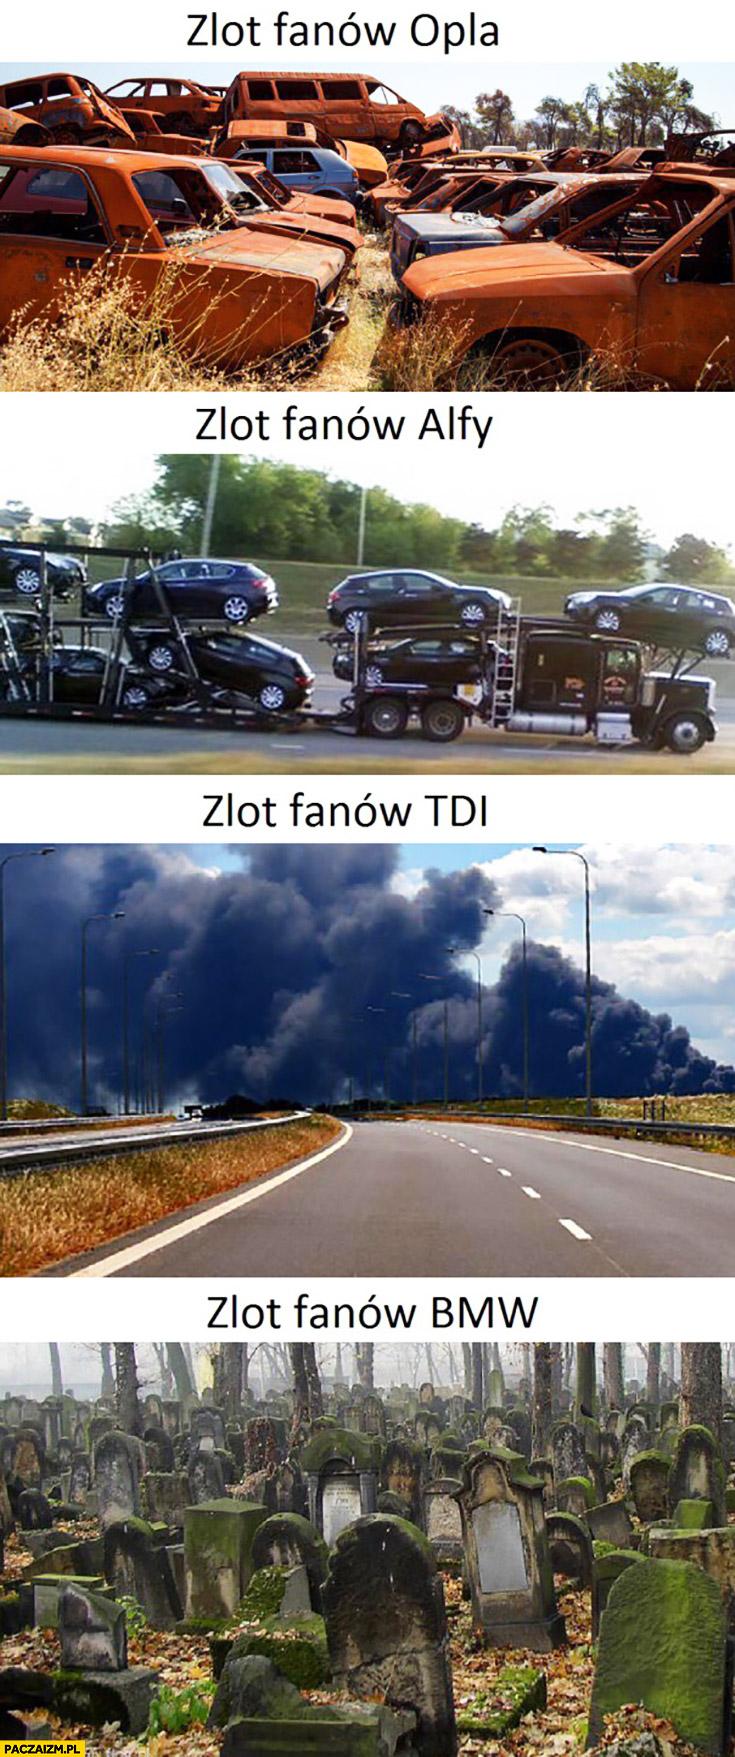 Zlot fanów Opla rdza, Alfy na lawecie, TDI kłęby dymu, BMW na cmentarzu porównanie